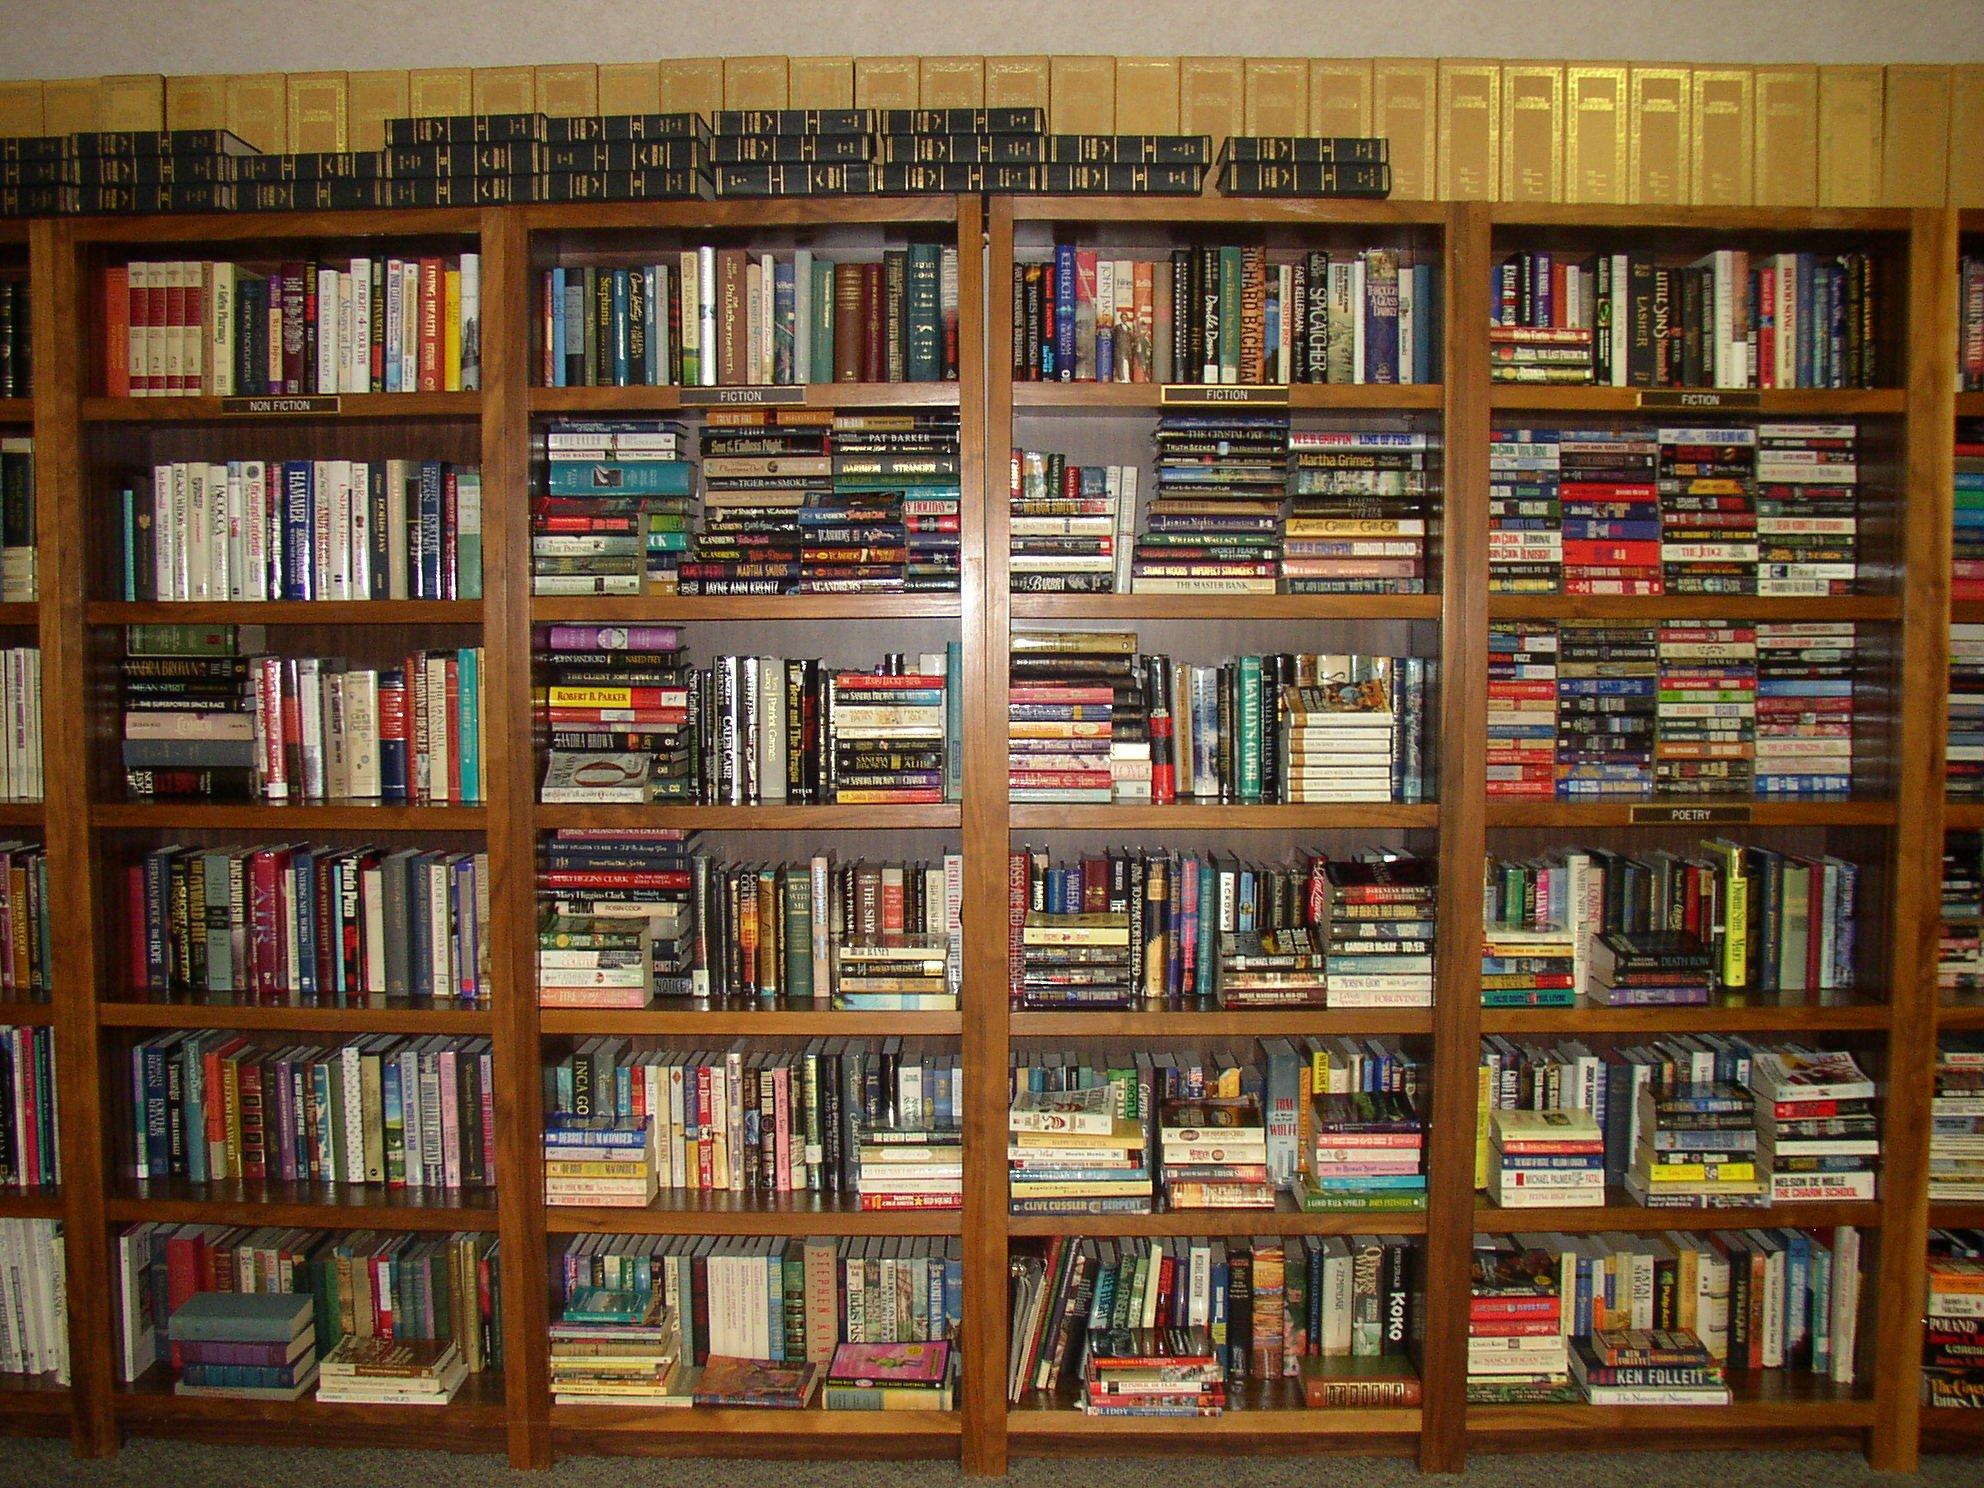 biblioteksmusset i borås, besök, bibliotekshyllor